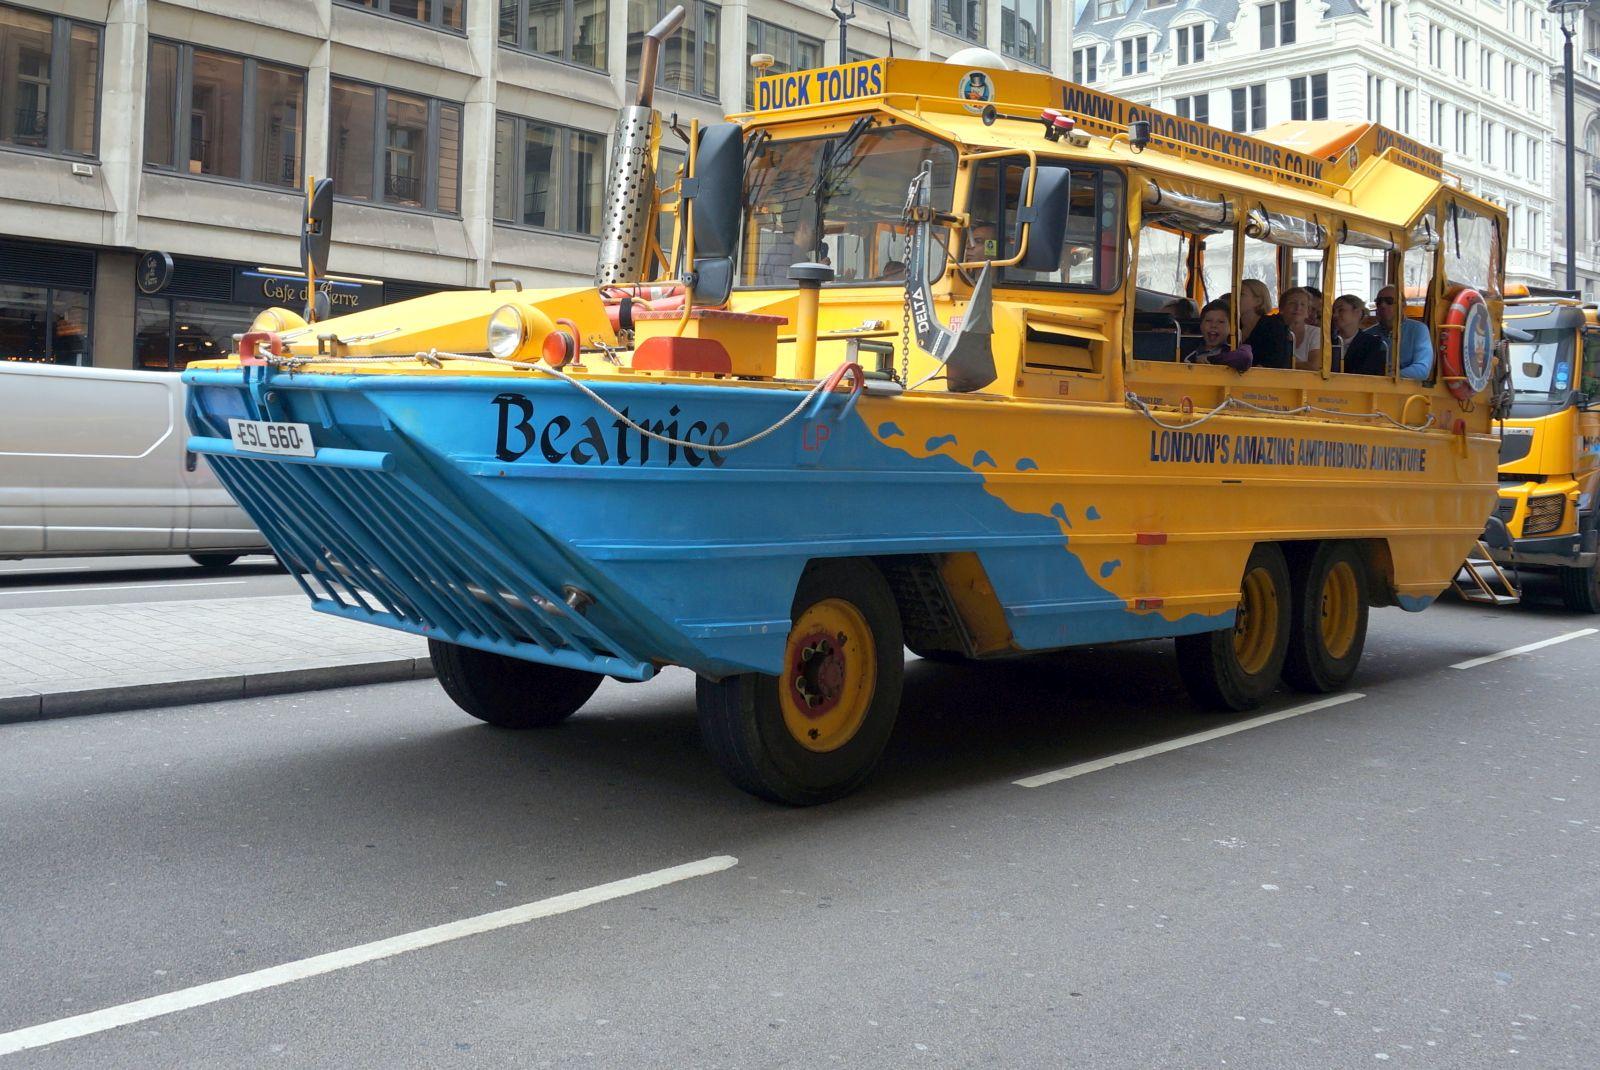 Duck - an amphibious bus